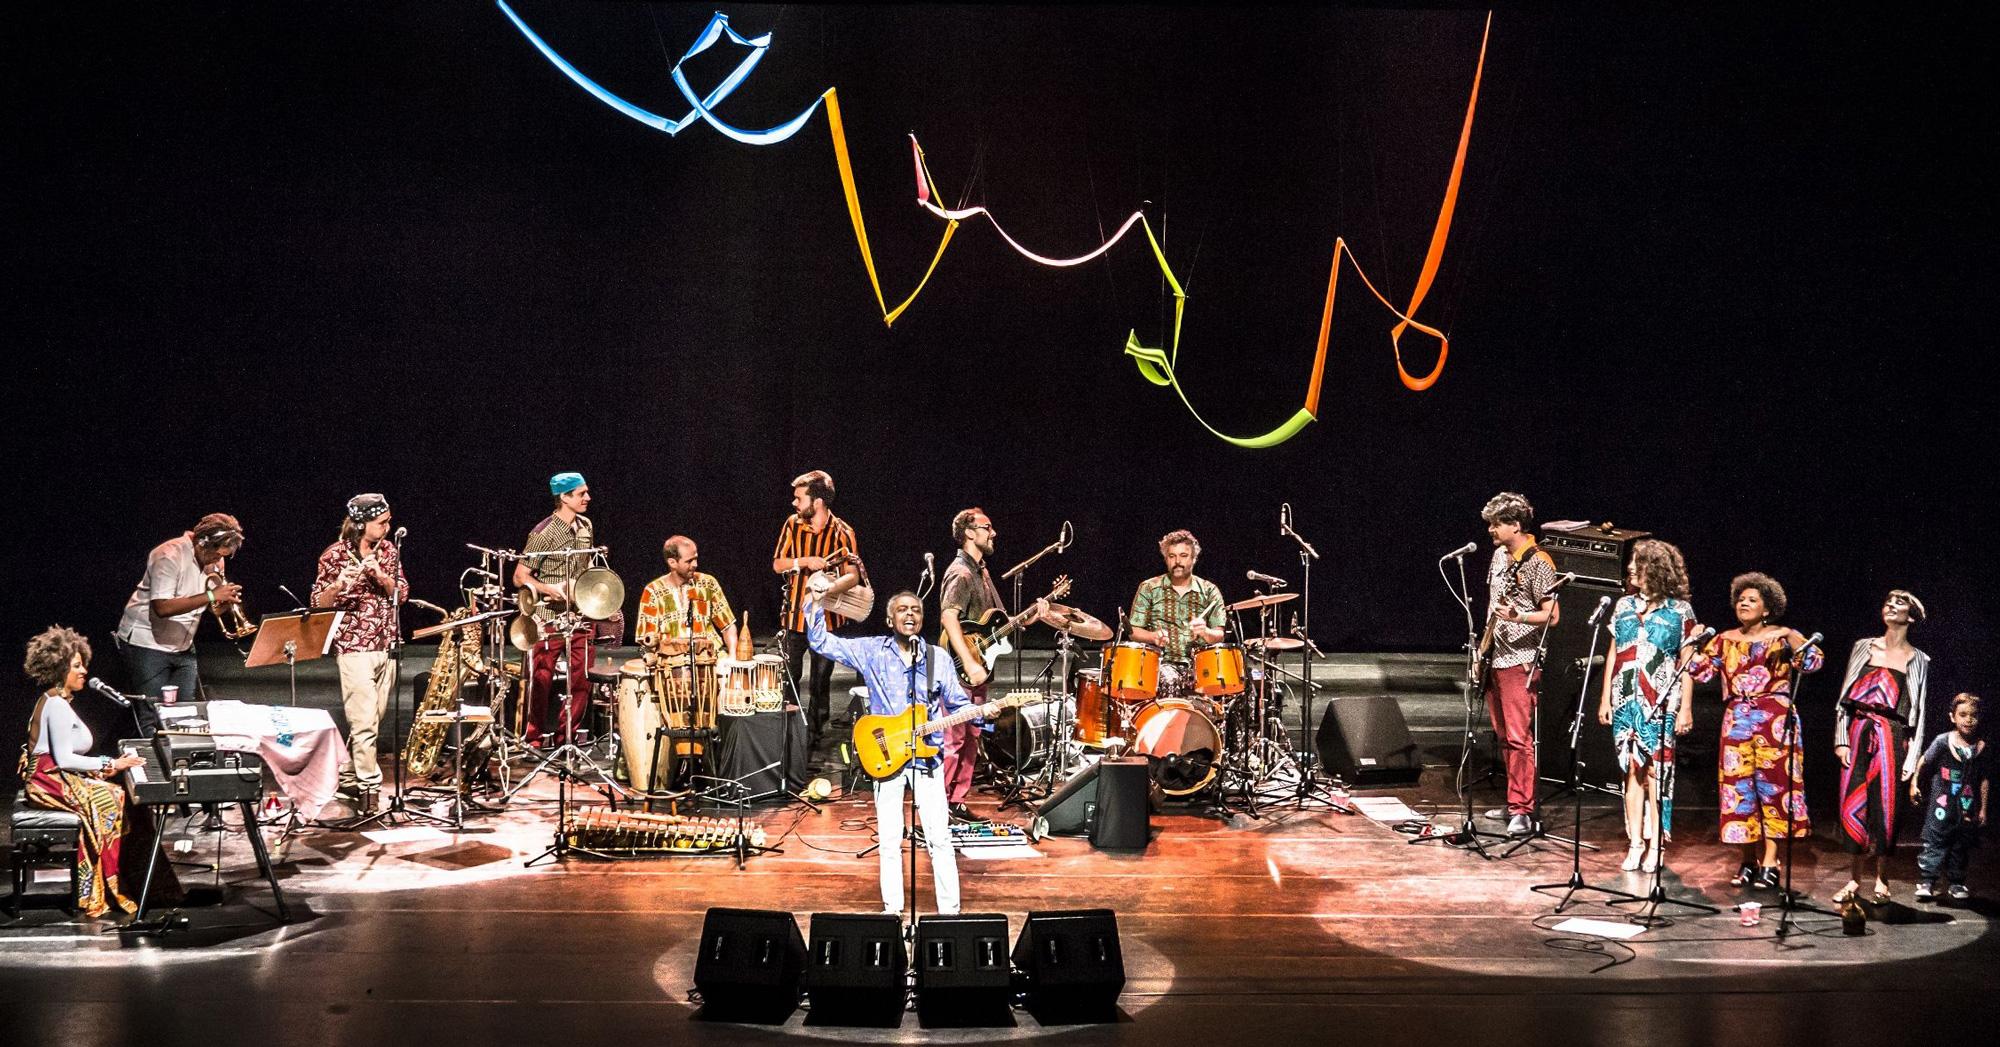 Gilberto Gil&Amigos con Refavela 40. Foto: Haus der Kulturen der Welt